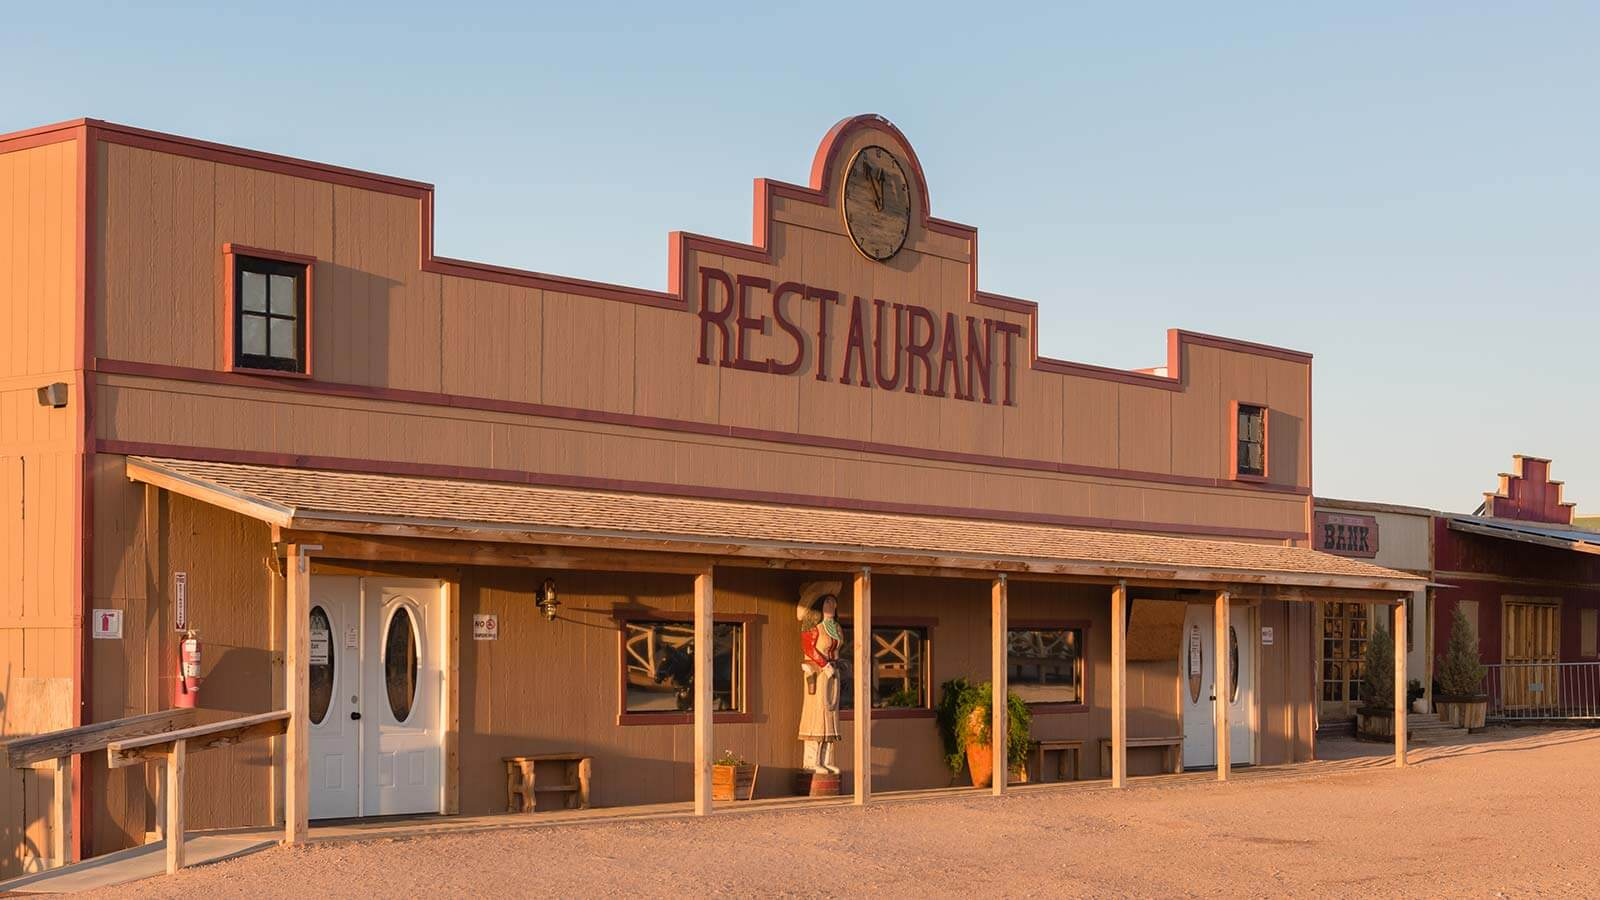 The main restaurant at Hualapai Ranch